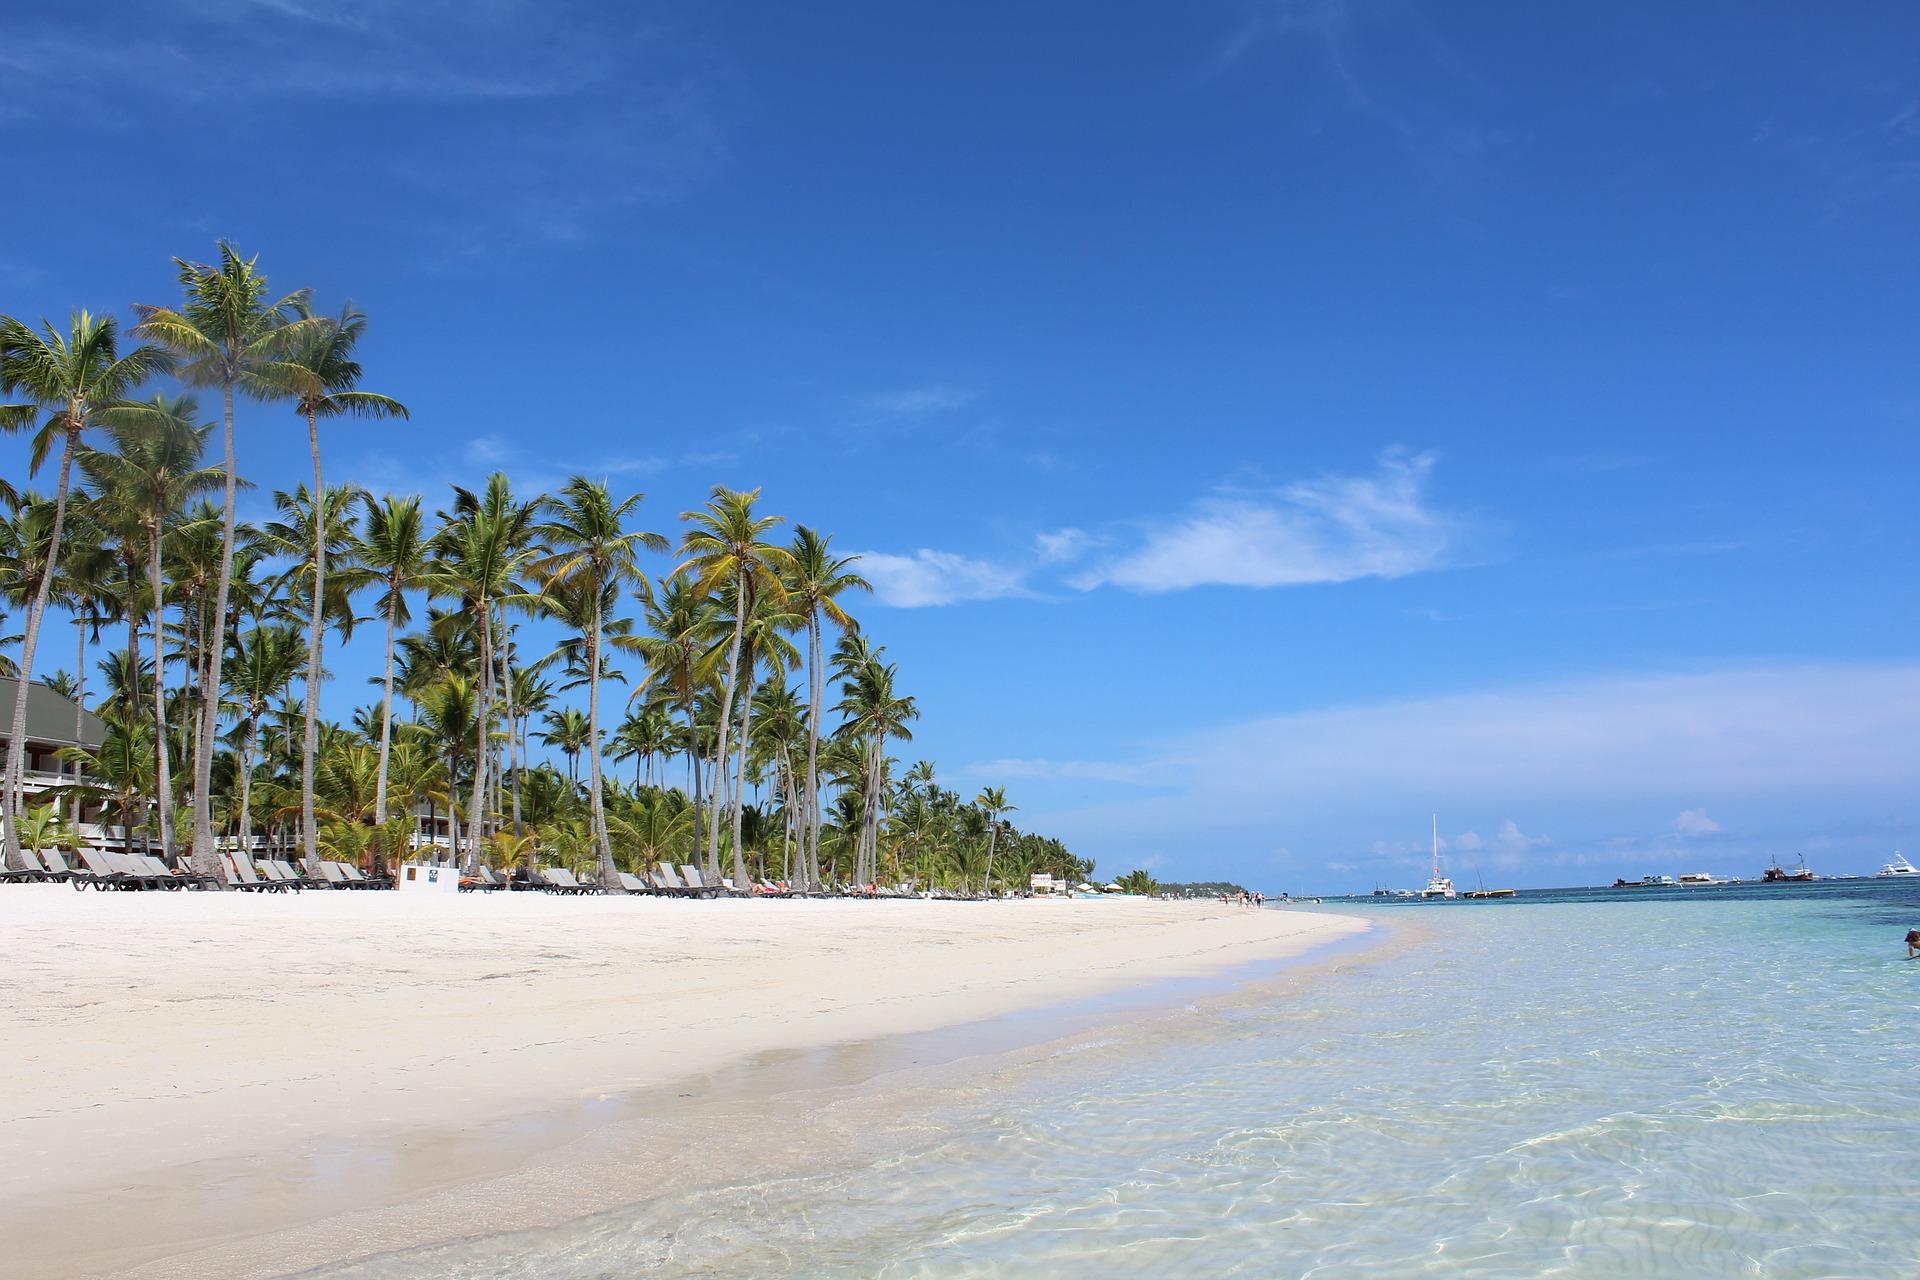 Viaje a Playa Bavaro